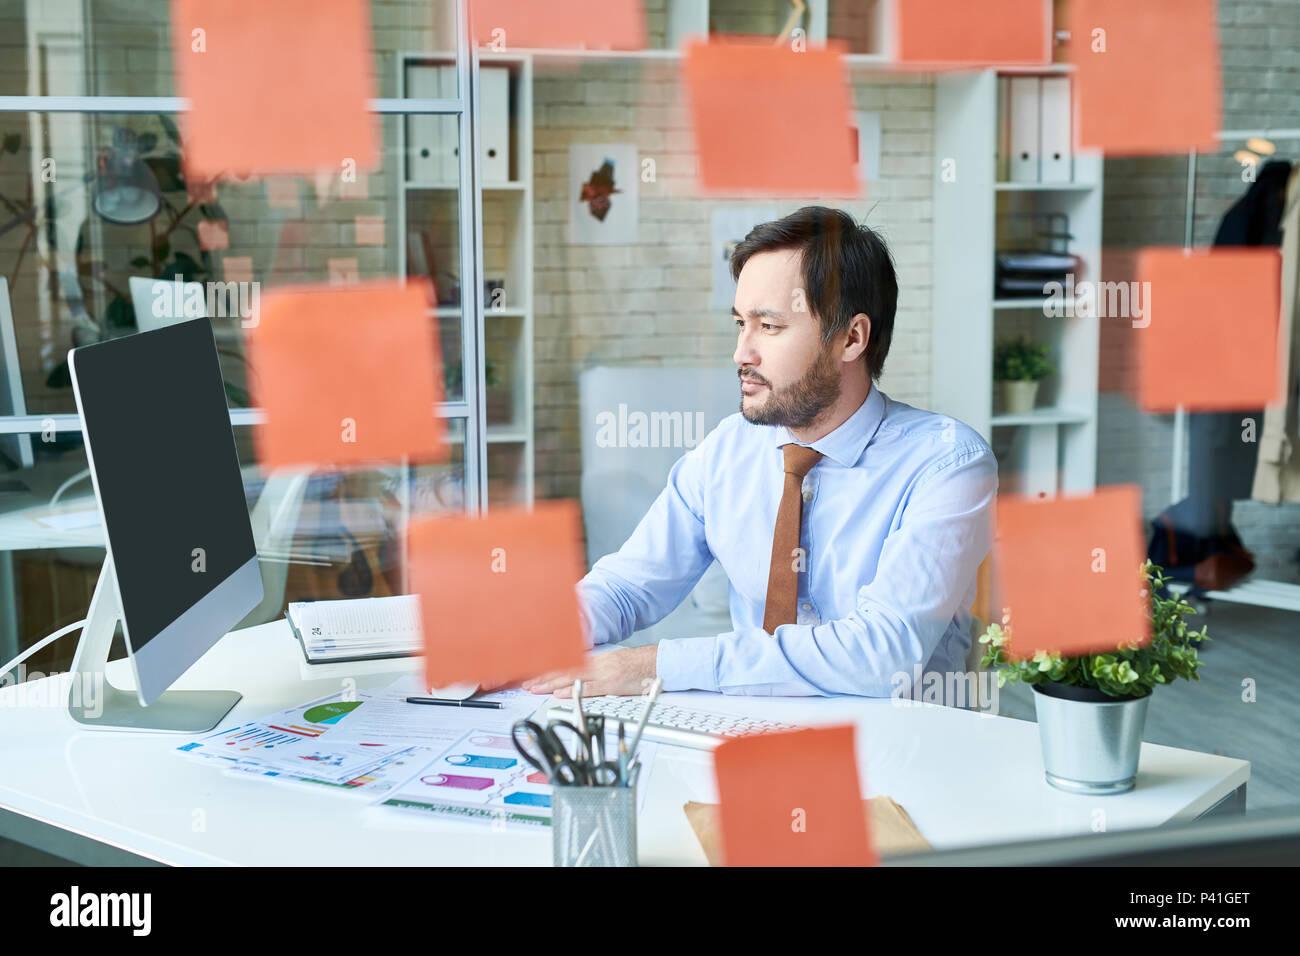 Uomo che lavora in ufficio dietro il vetro Immagini Stock